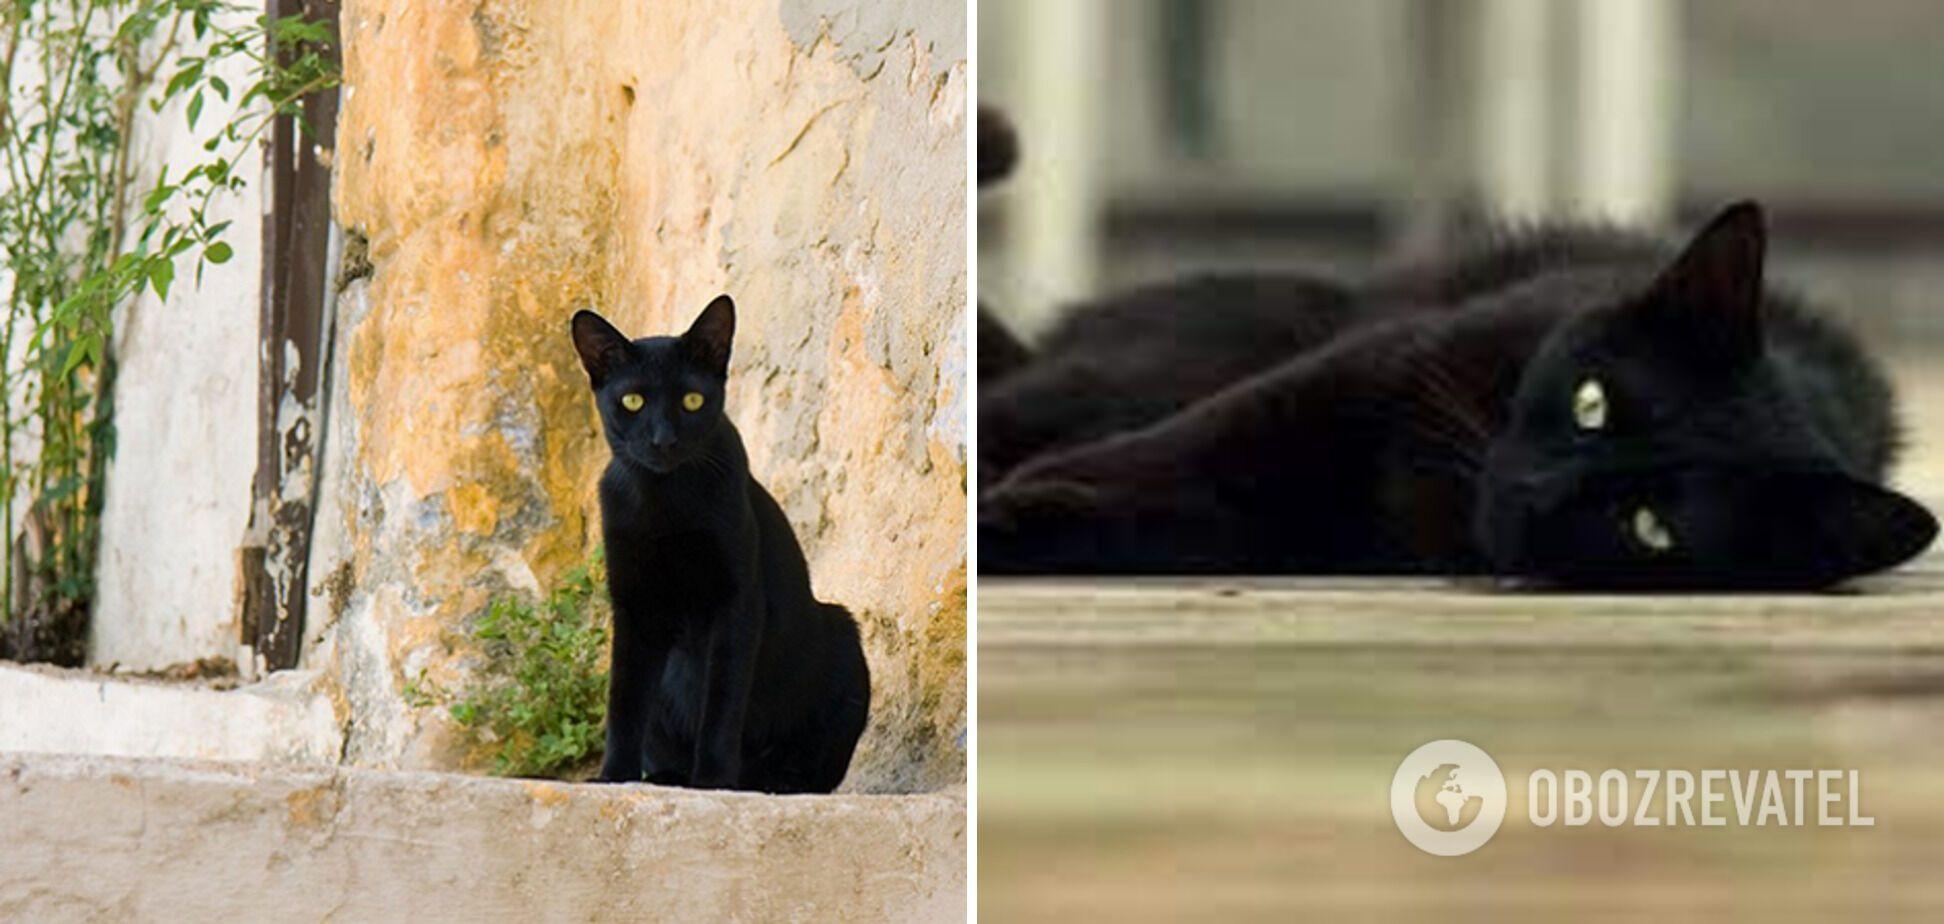 Кіт Томмазо отримав квартири й автомобілі у спадок